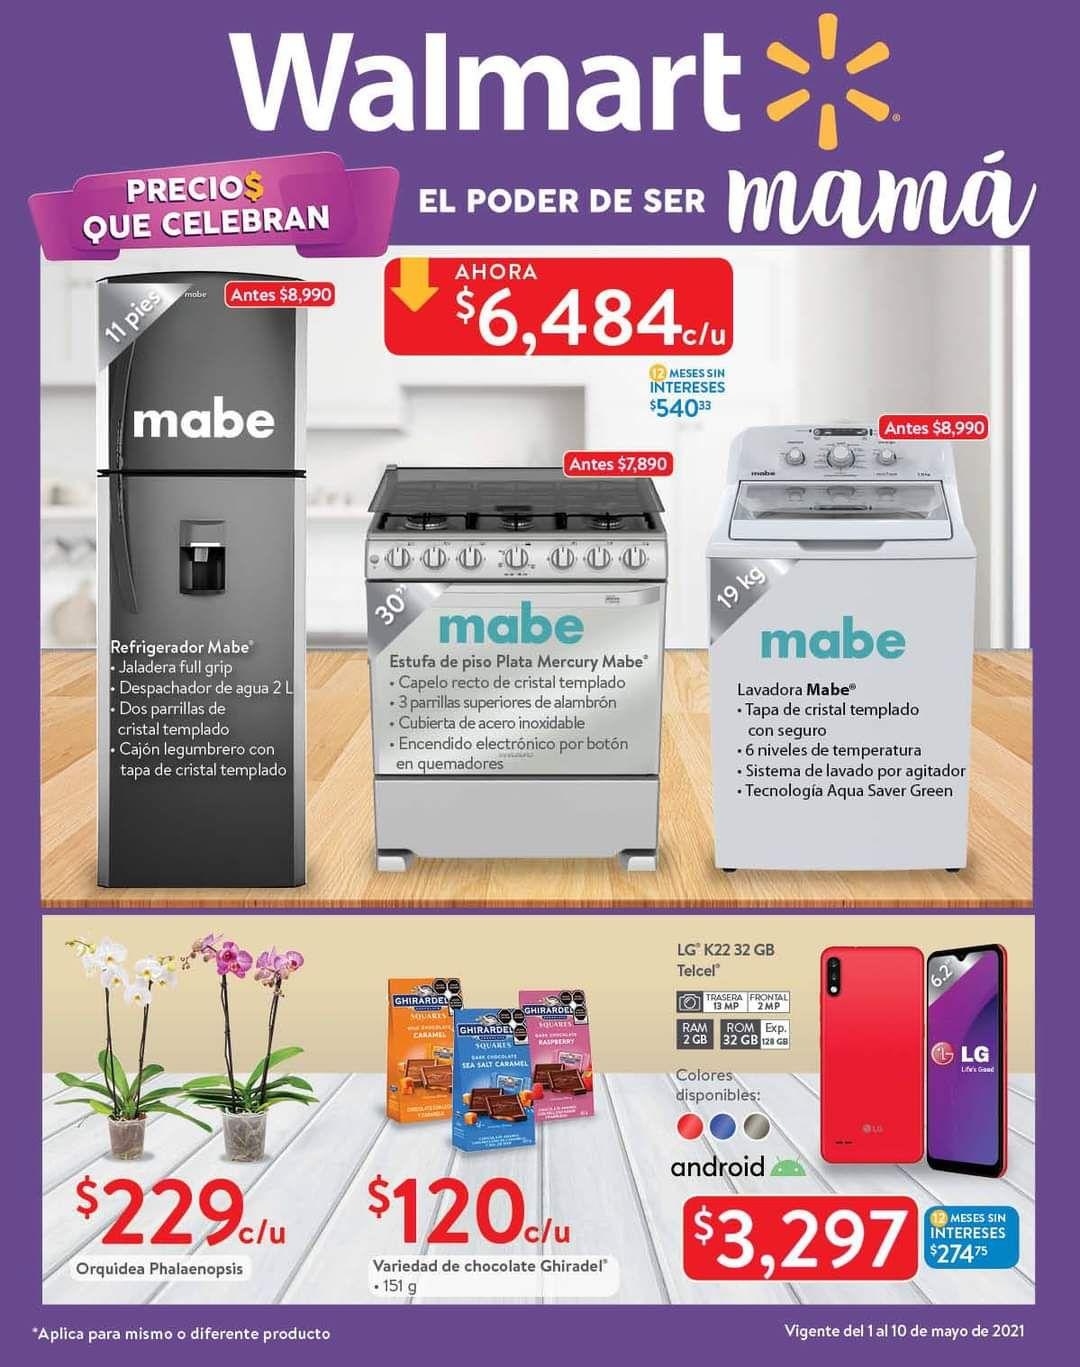 """Walmart: Folleto de Ofertas """"Precios que Celebran el Poder de Ser Mamá"""" del Sábado 1 al Lunes 10 de Mayo"""